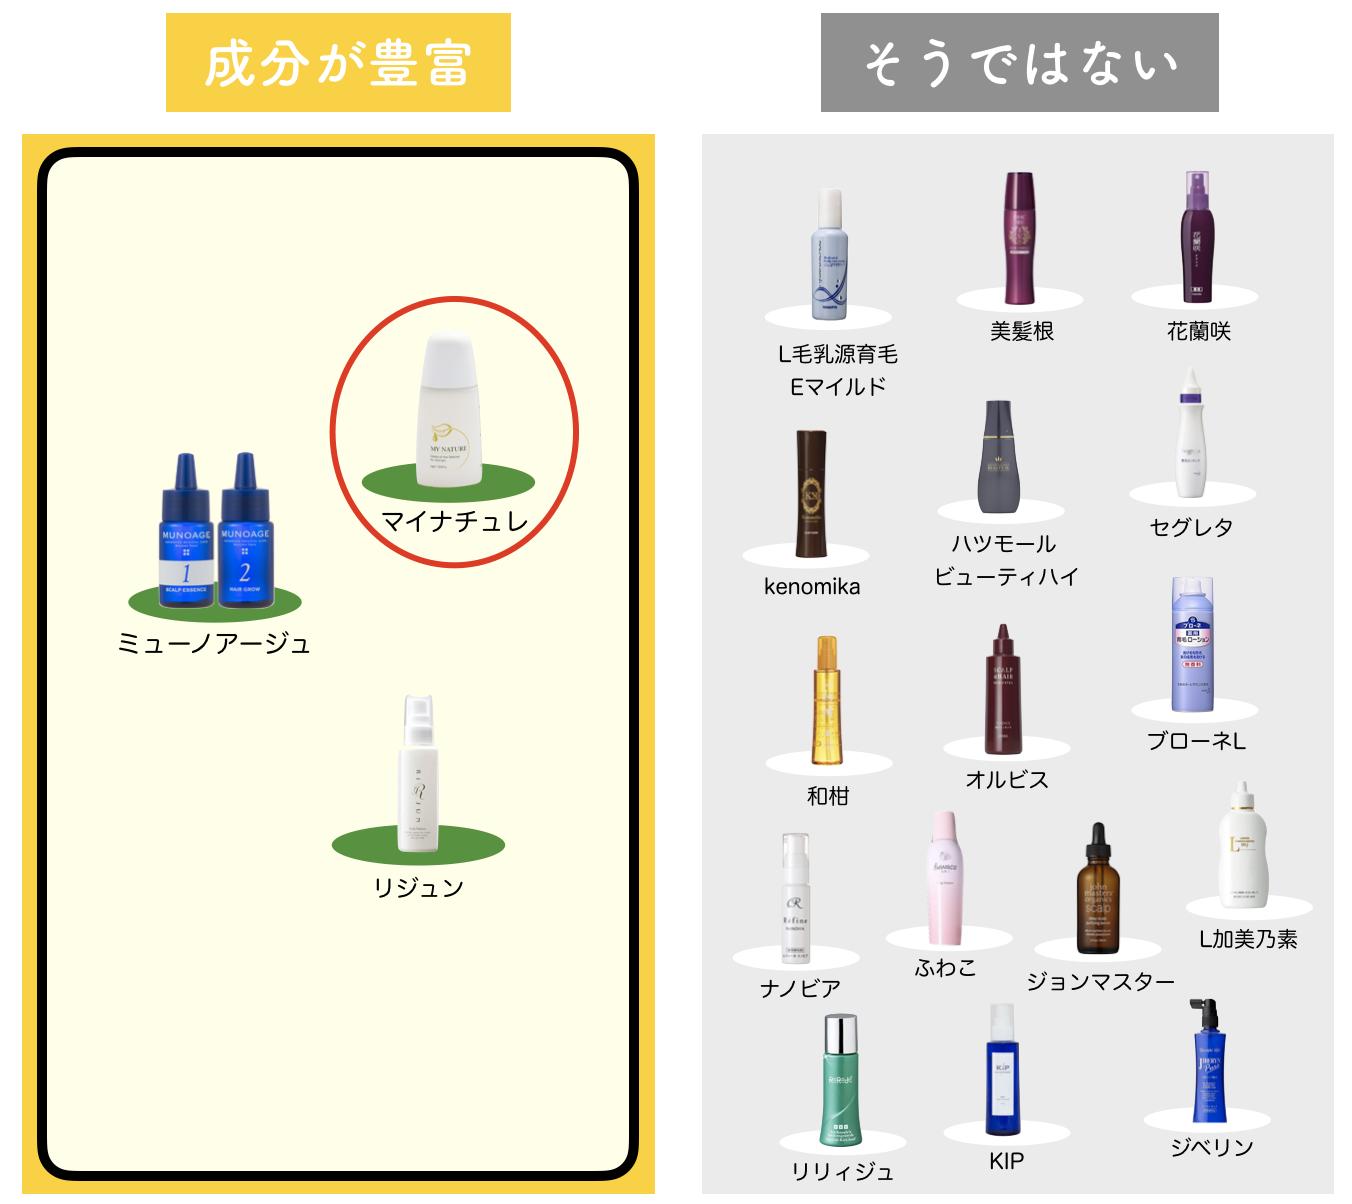 マイナチュレを女性育毛剤を68種比較した図-3